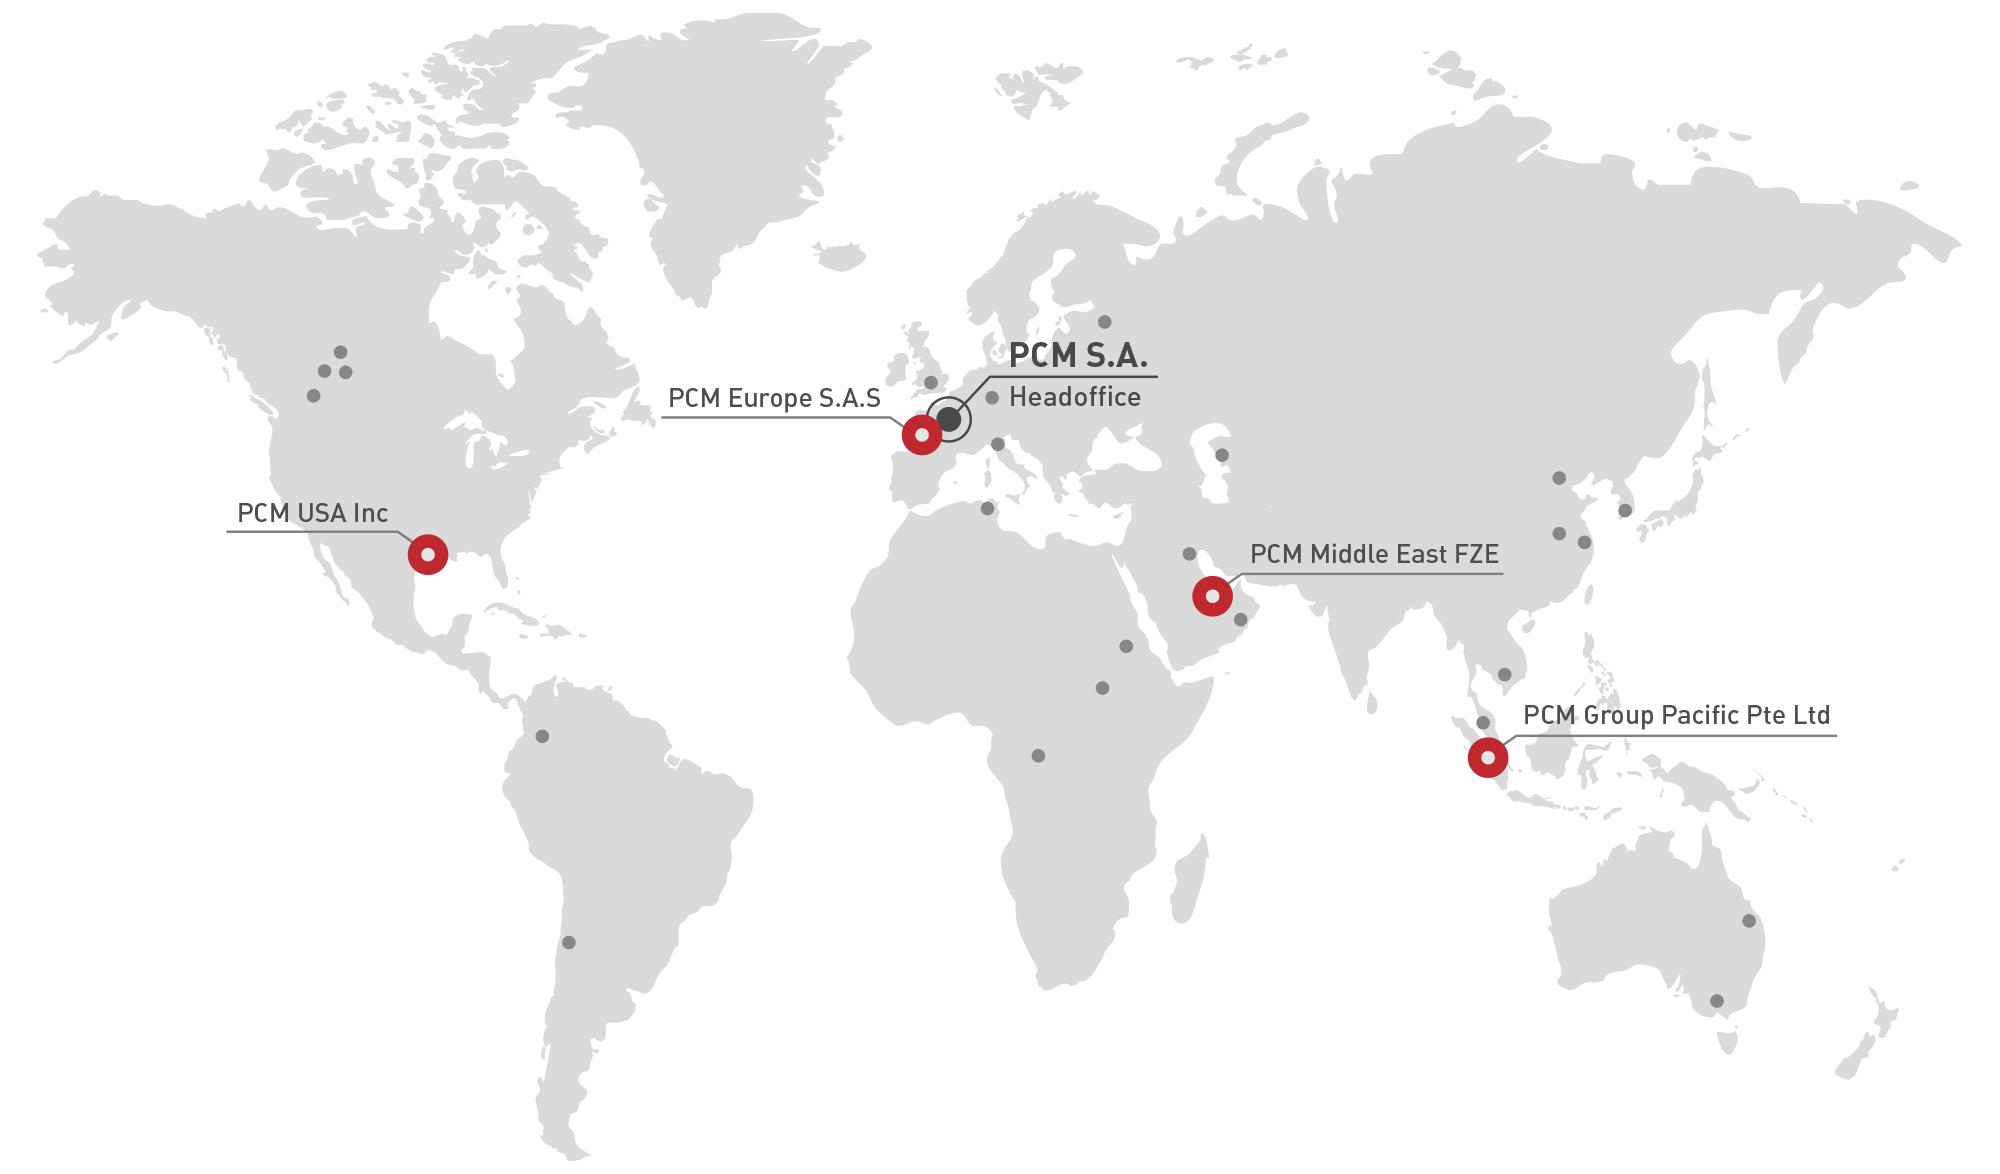 PCM Kontakte Weltkarte